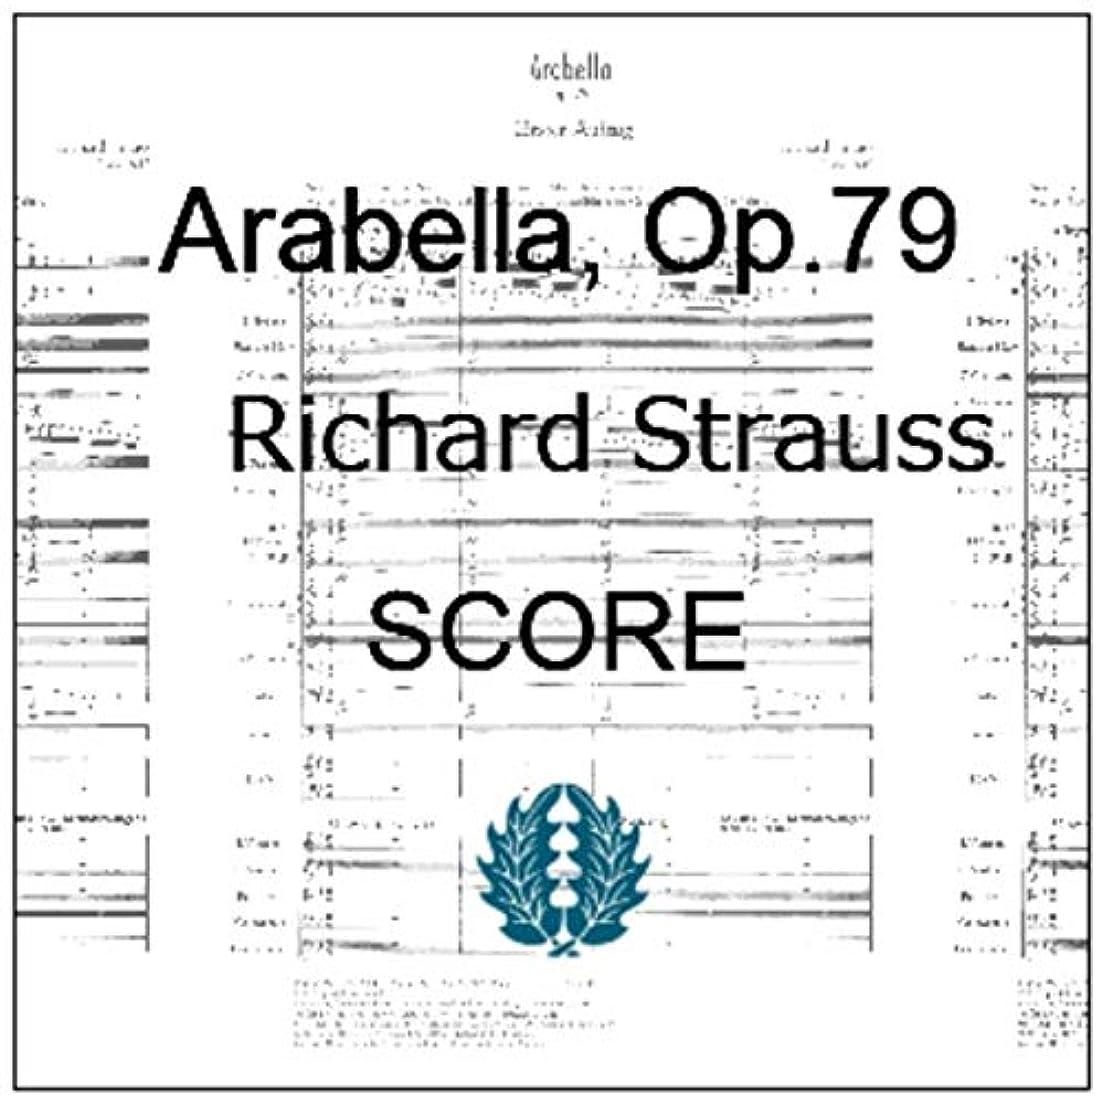 恥ずかしさ統合するサンプル楽譜 pdf オーケストラ スコア リヒャルト?シュトラウス アラベラ